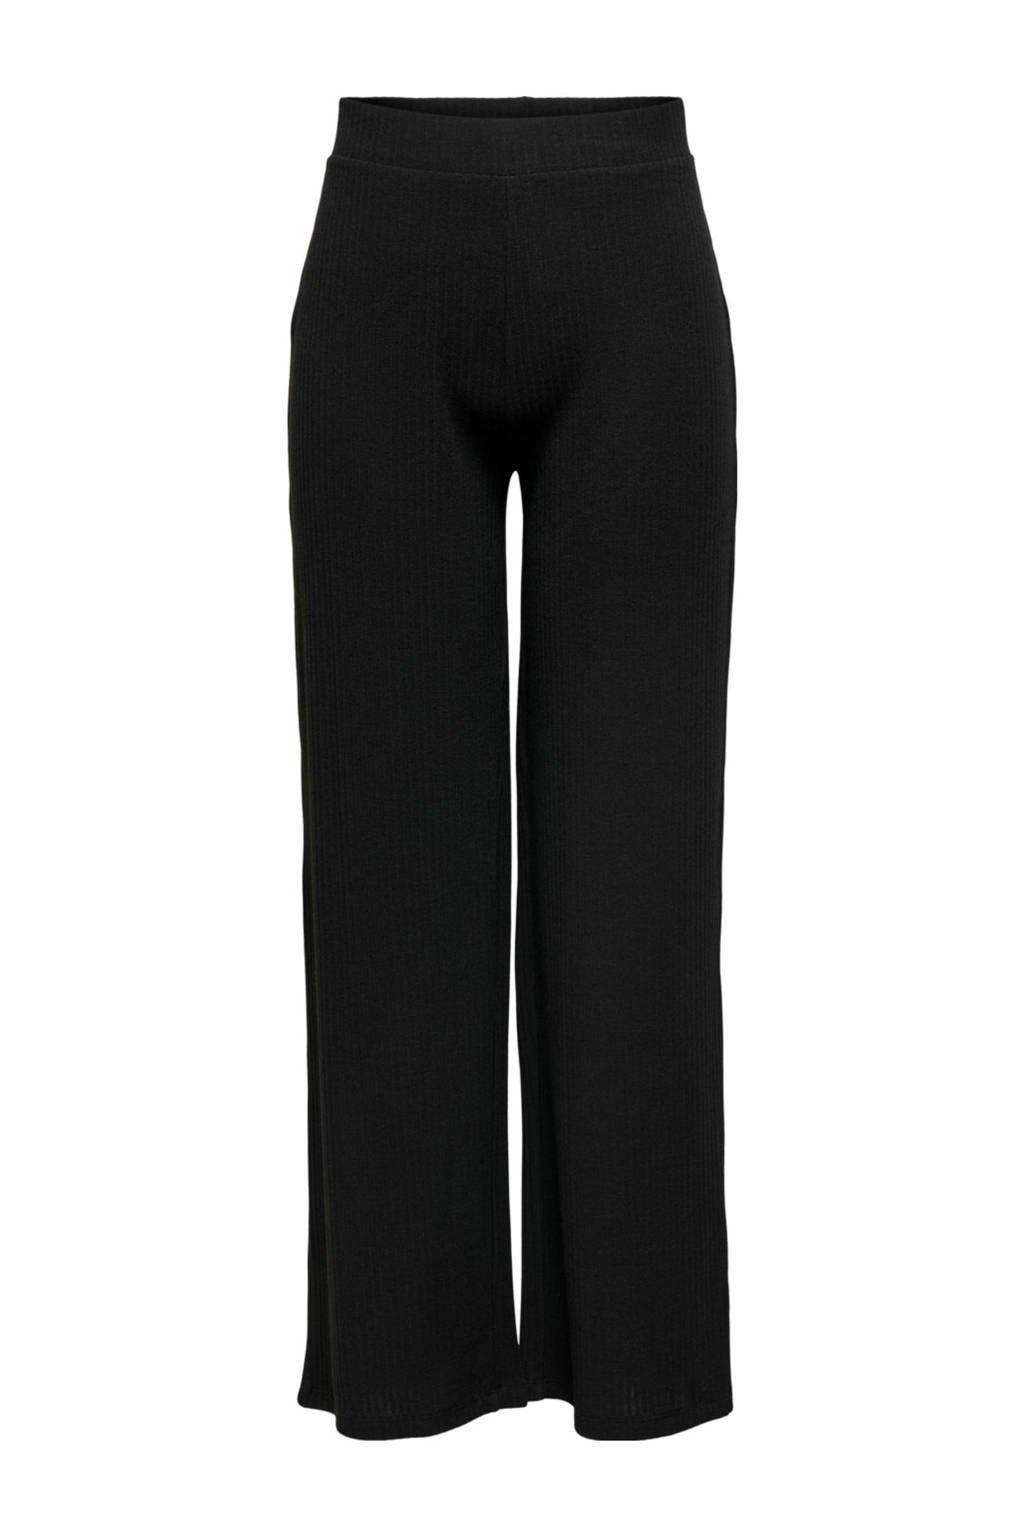 ONLY wide leg palazzo broek ONLNELLA zwart, Zwart